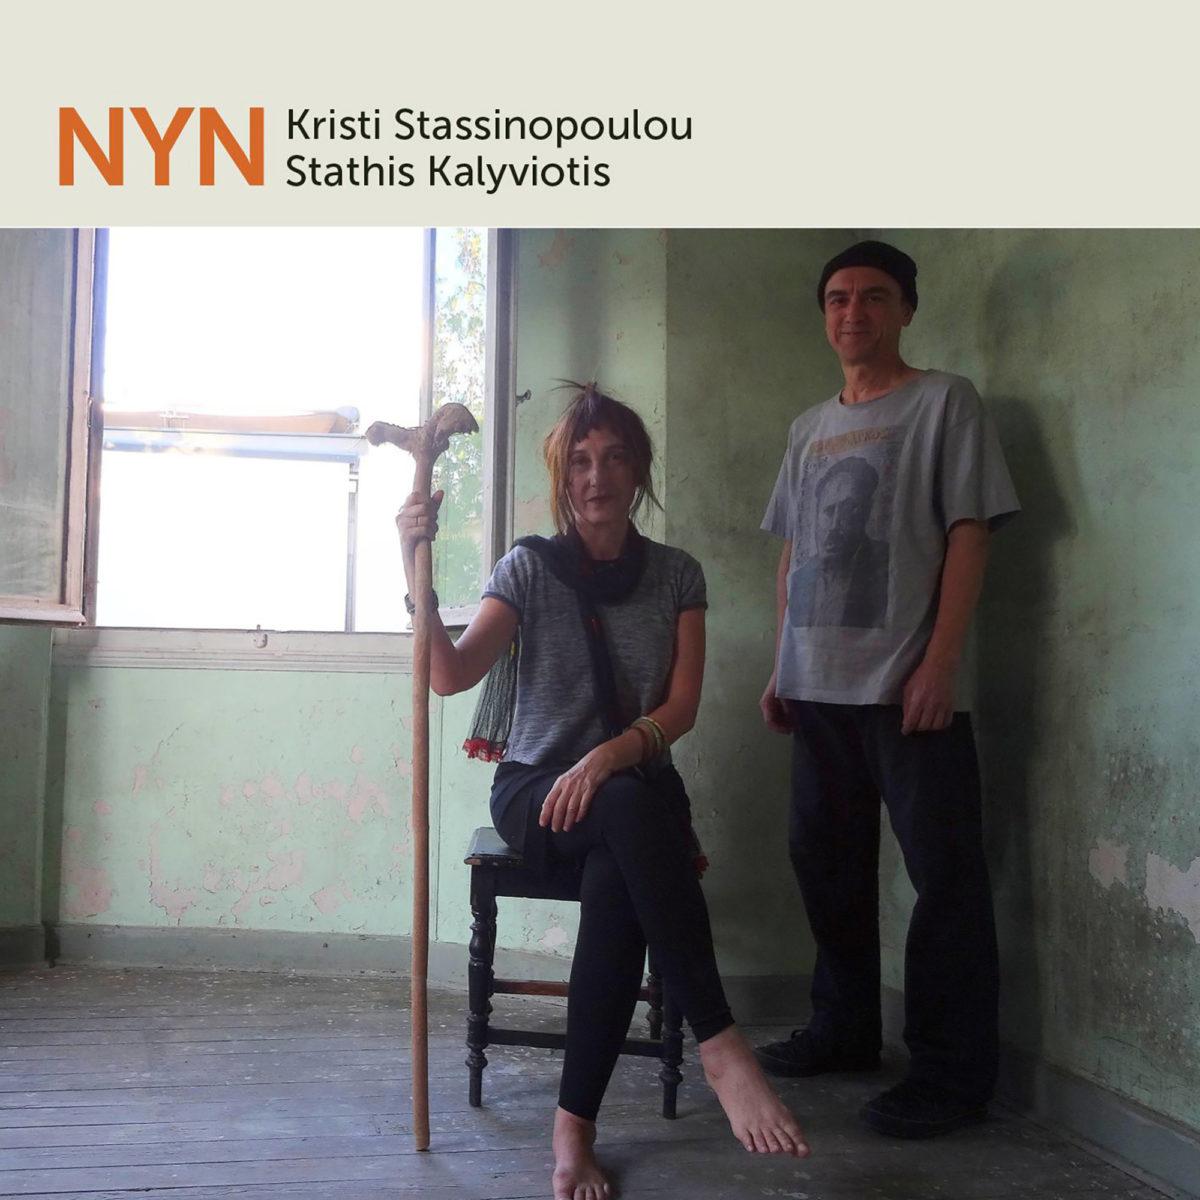 Stassinopoulou, Kristi & Kalyviotis, Stathis: Nyn (2016)